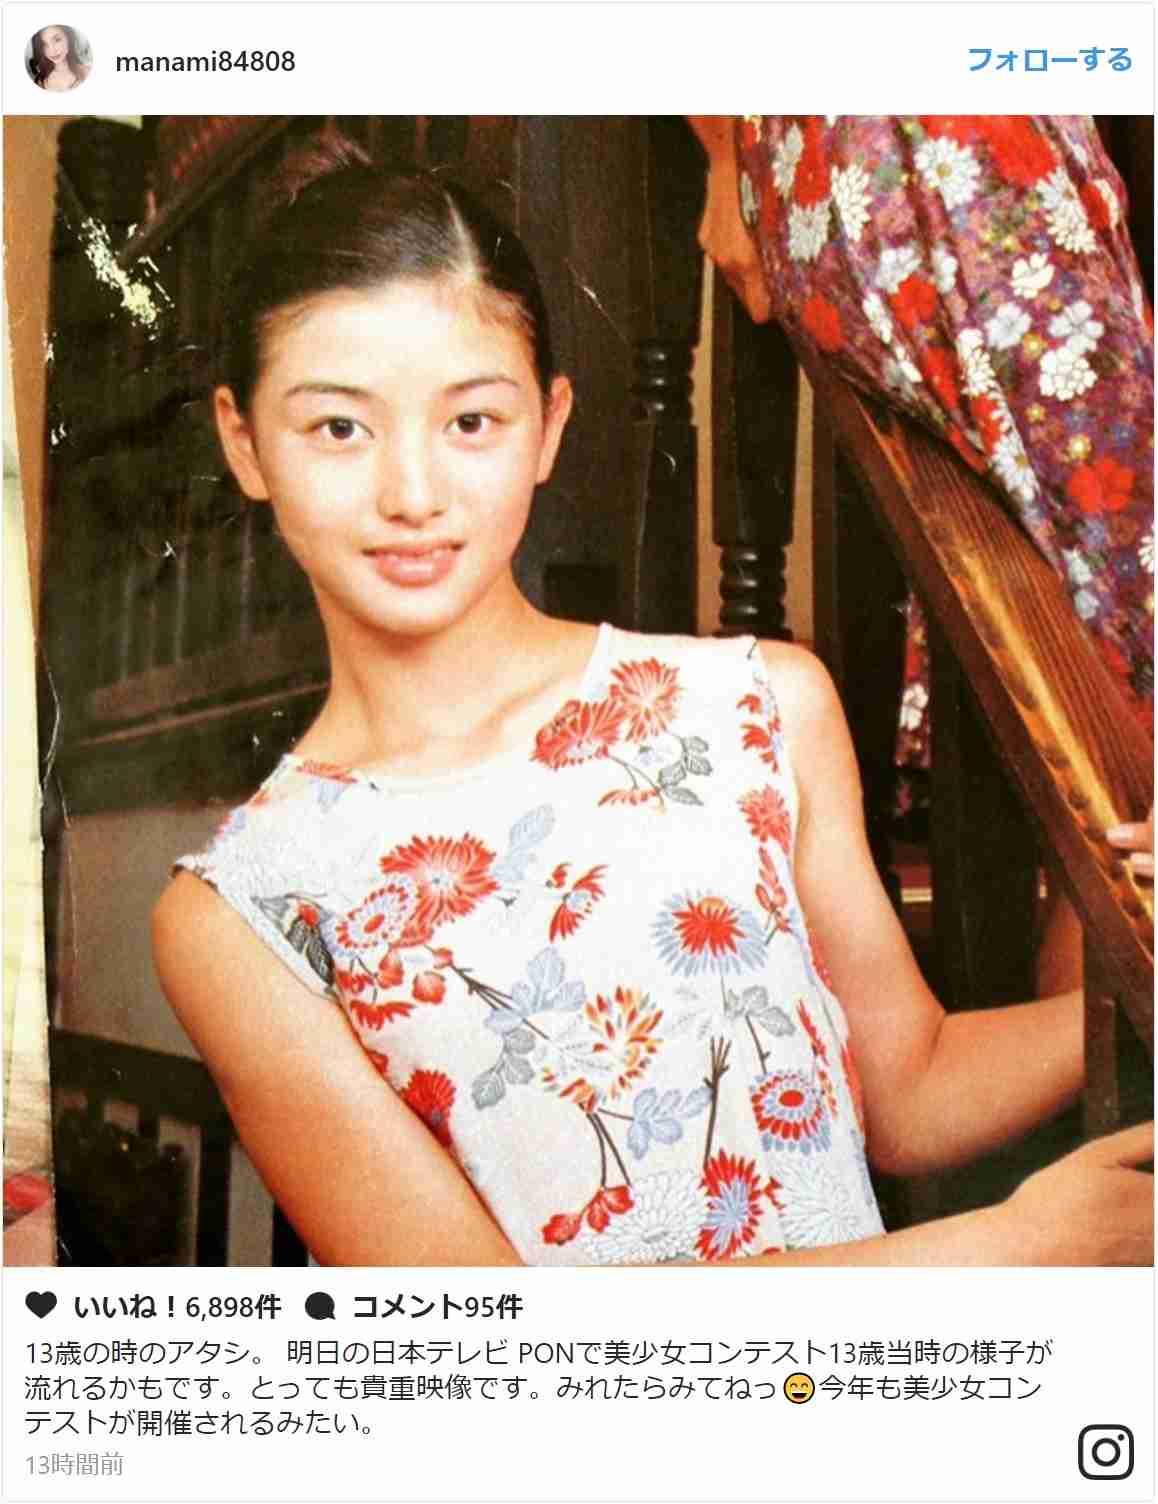 33歳・橋本マナミ「年内に結婚したい」婚活スタートで脱・愛人キャラ宣言